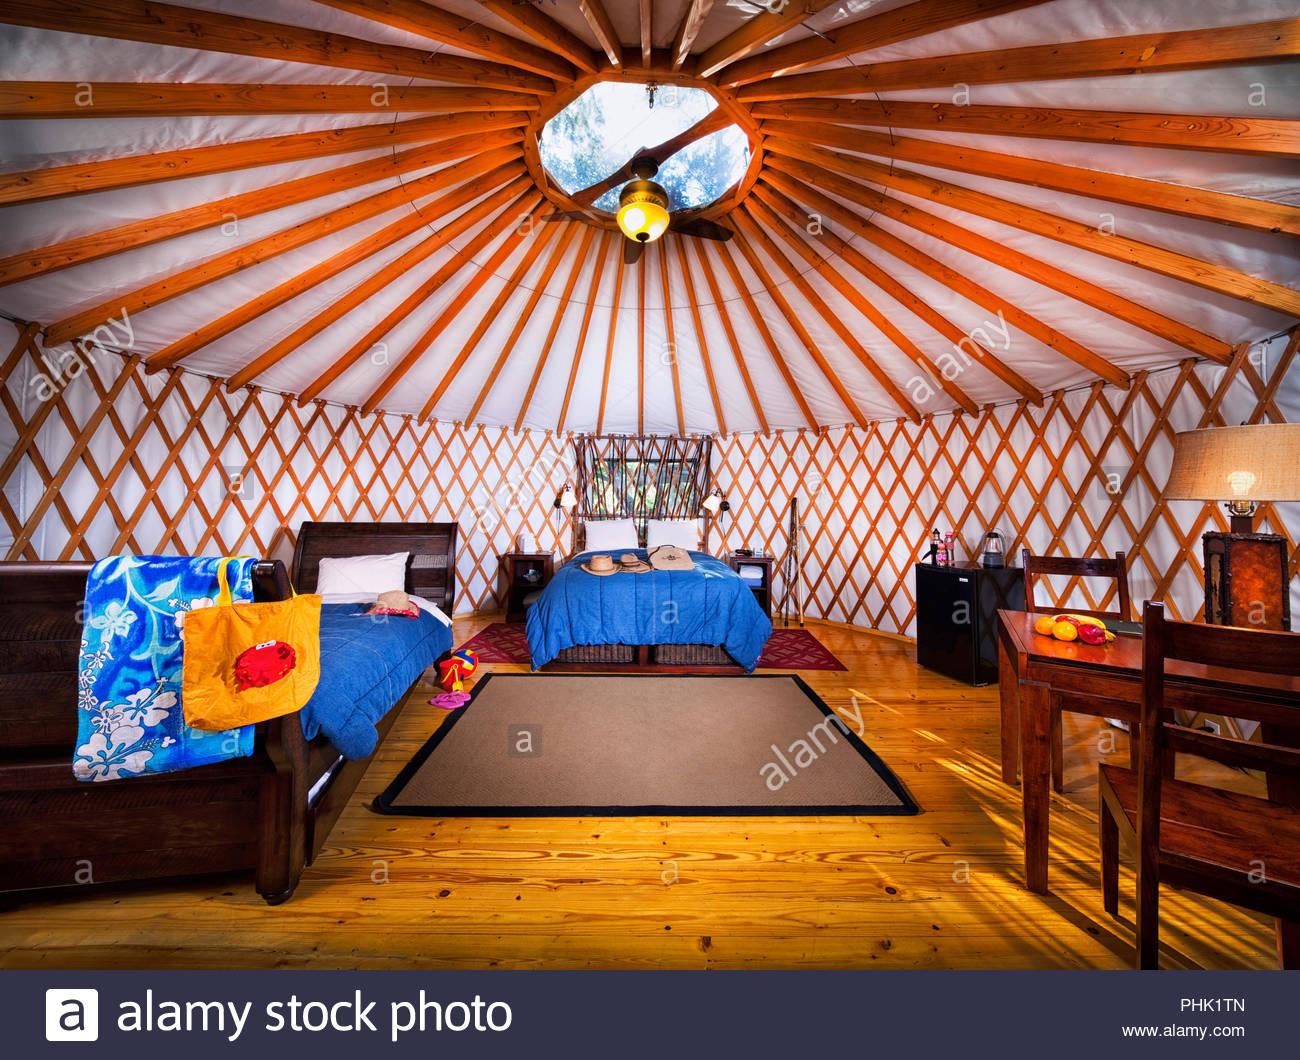 Yurt interior - Stock Image